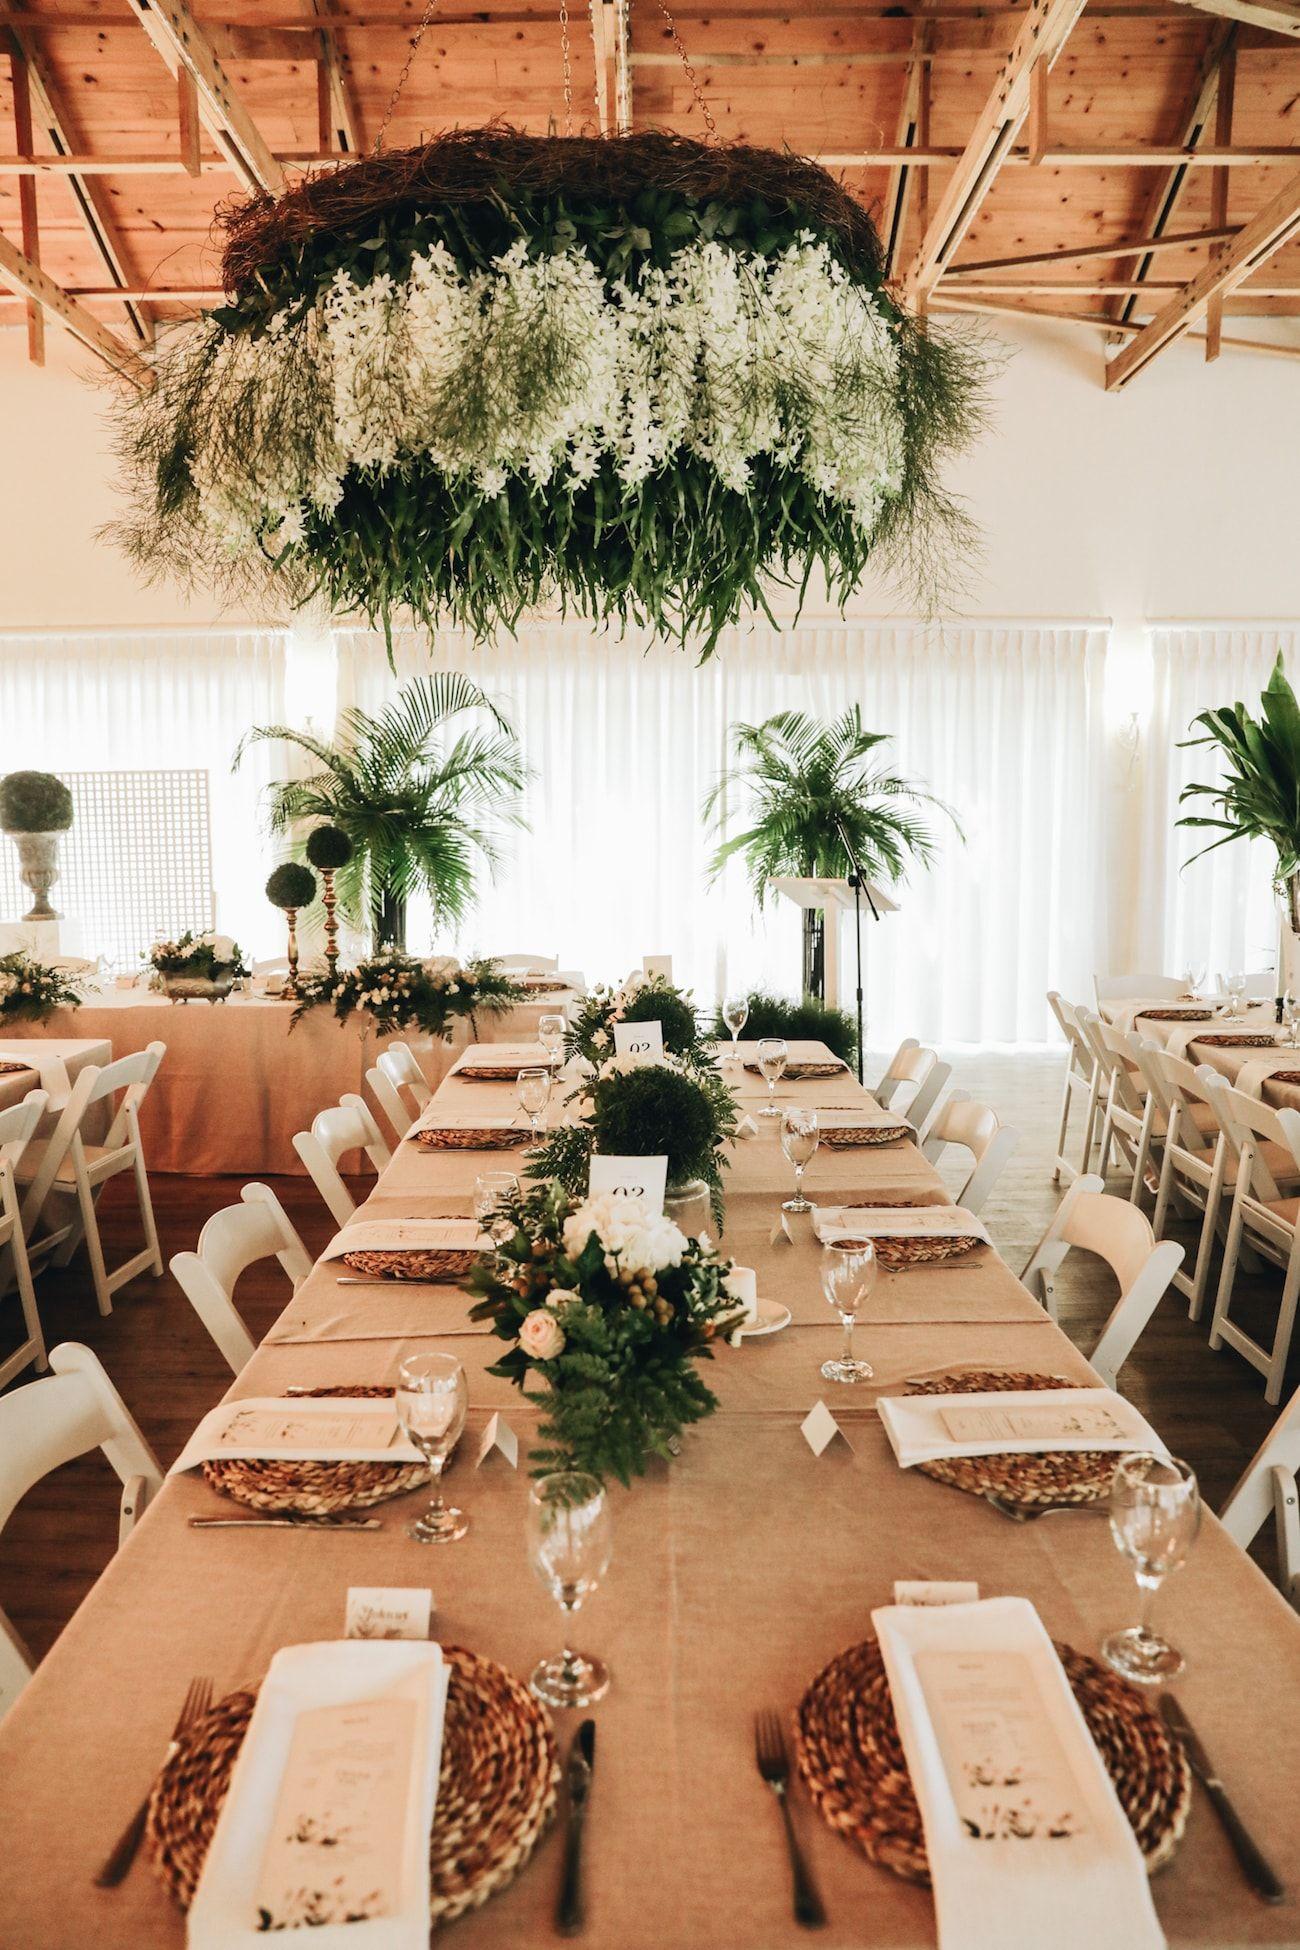 Botanical nye wedding at maroupi by sasha campbell nye weddings botanical nye wedding at maroupi by sasha campbell arubaitofo Image collections